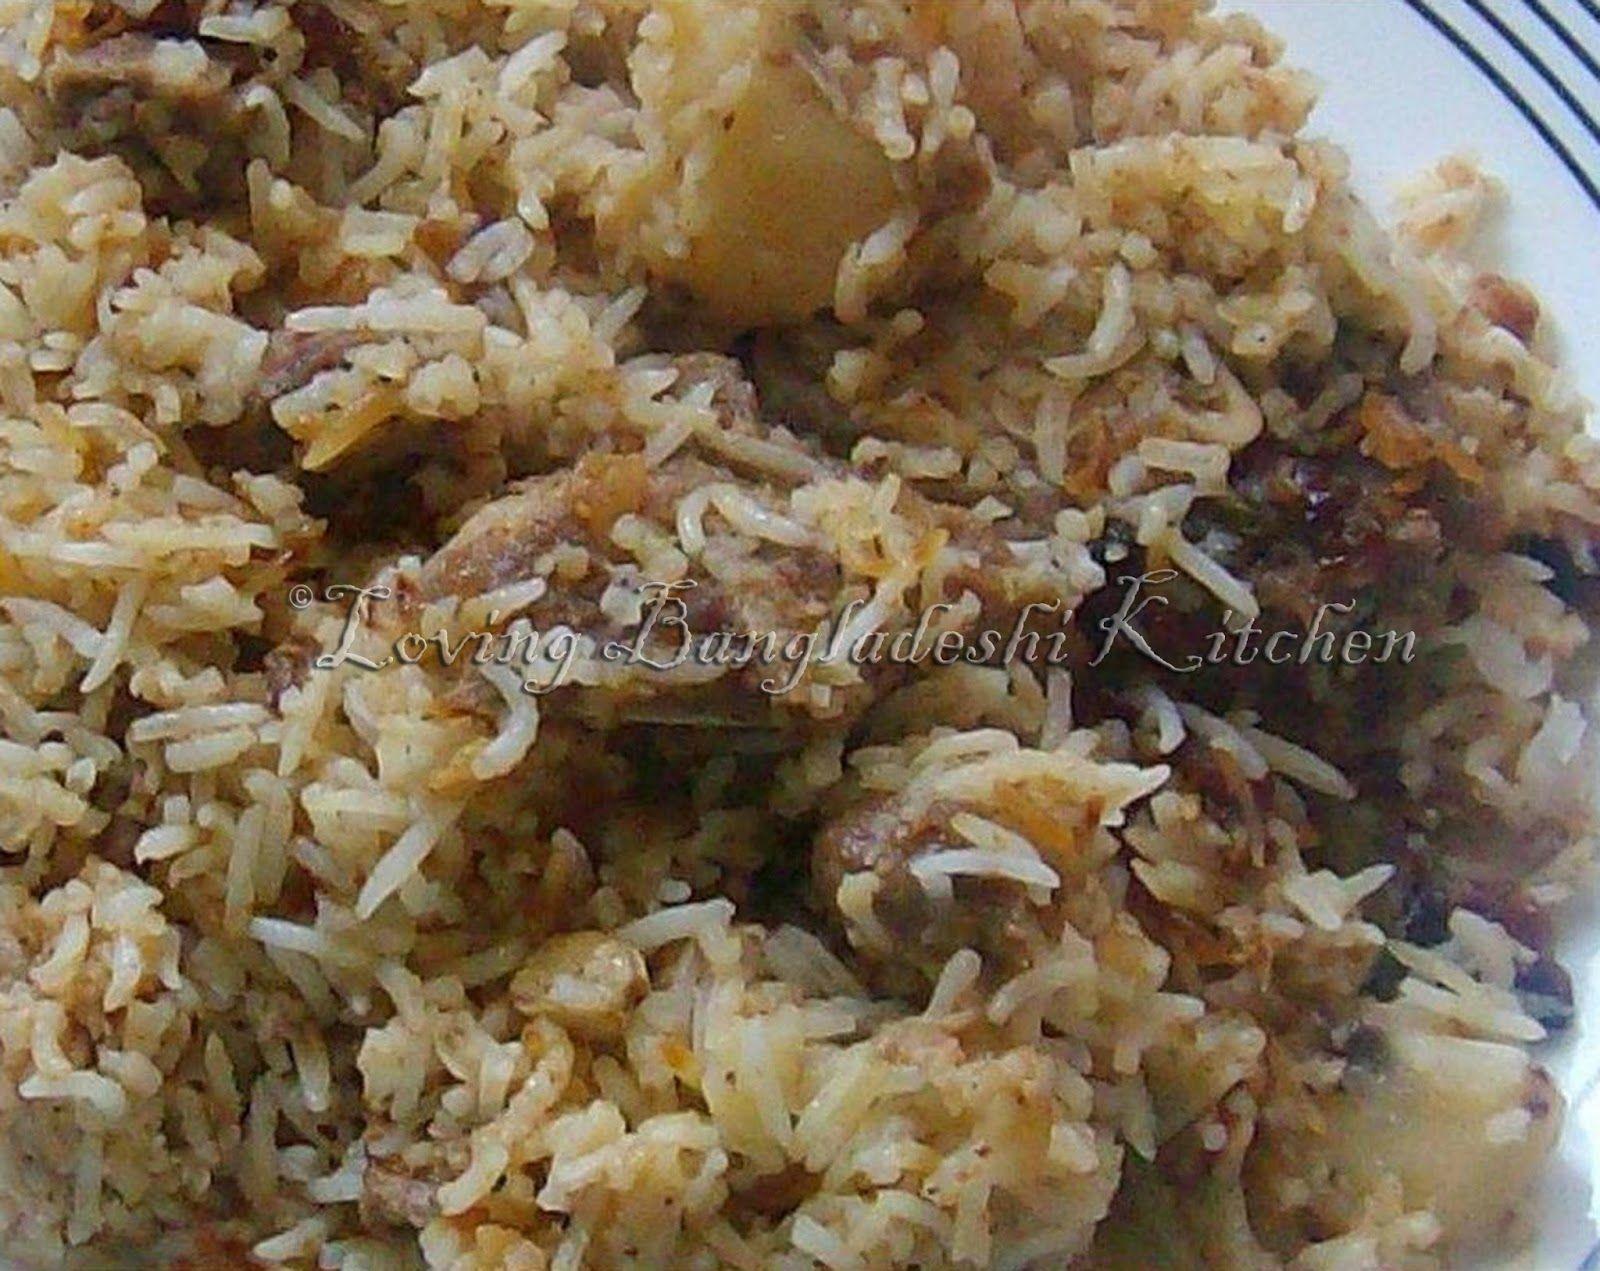 Kacci biryaniকচচ বরযন bangladeshi food